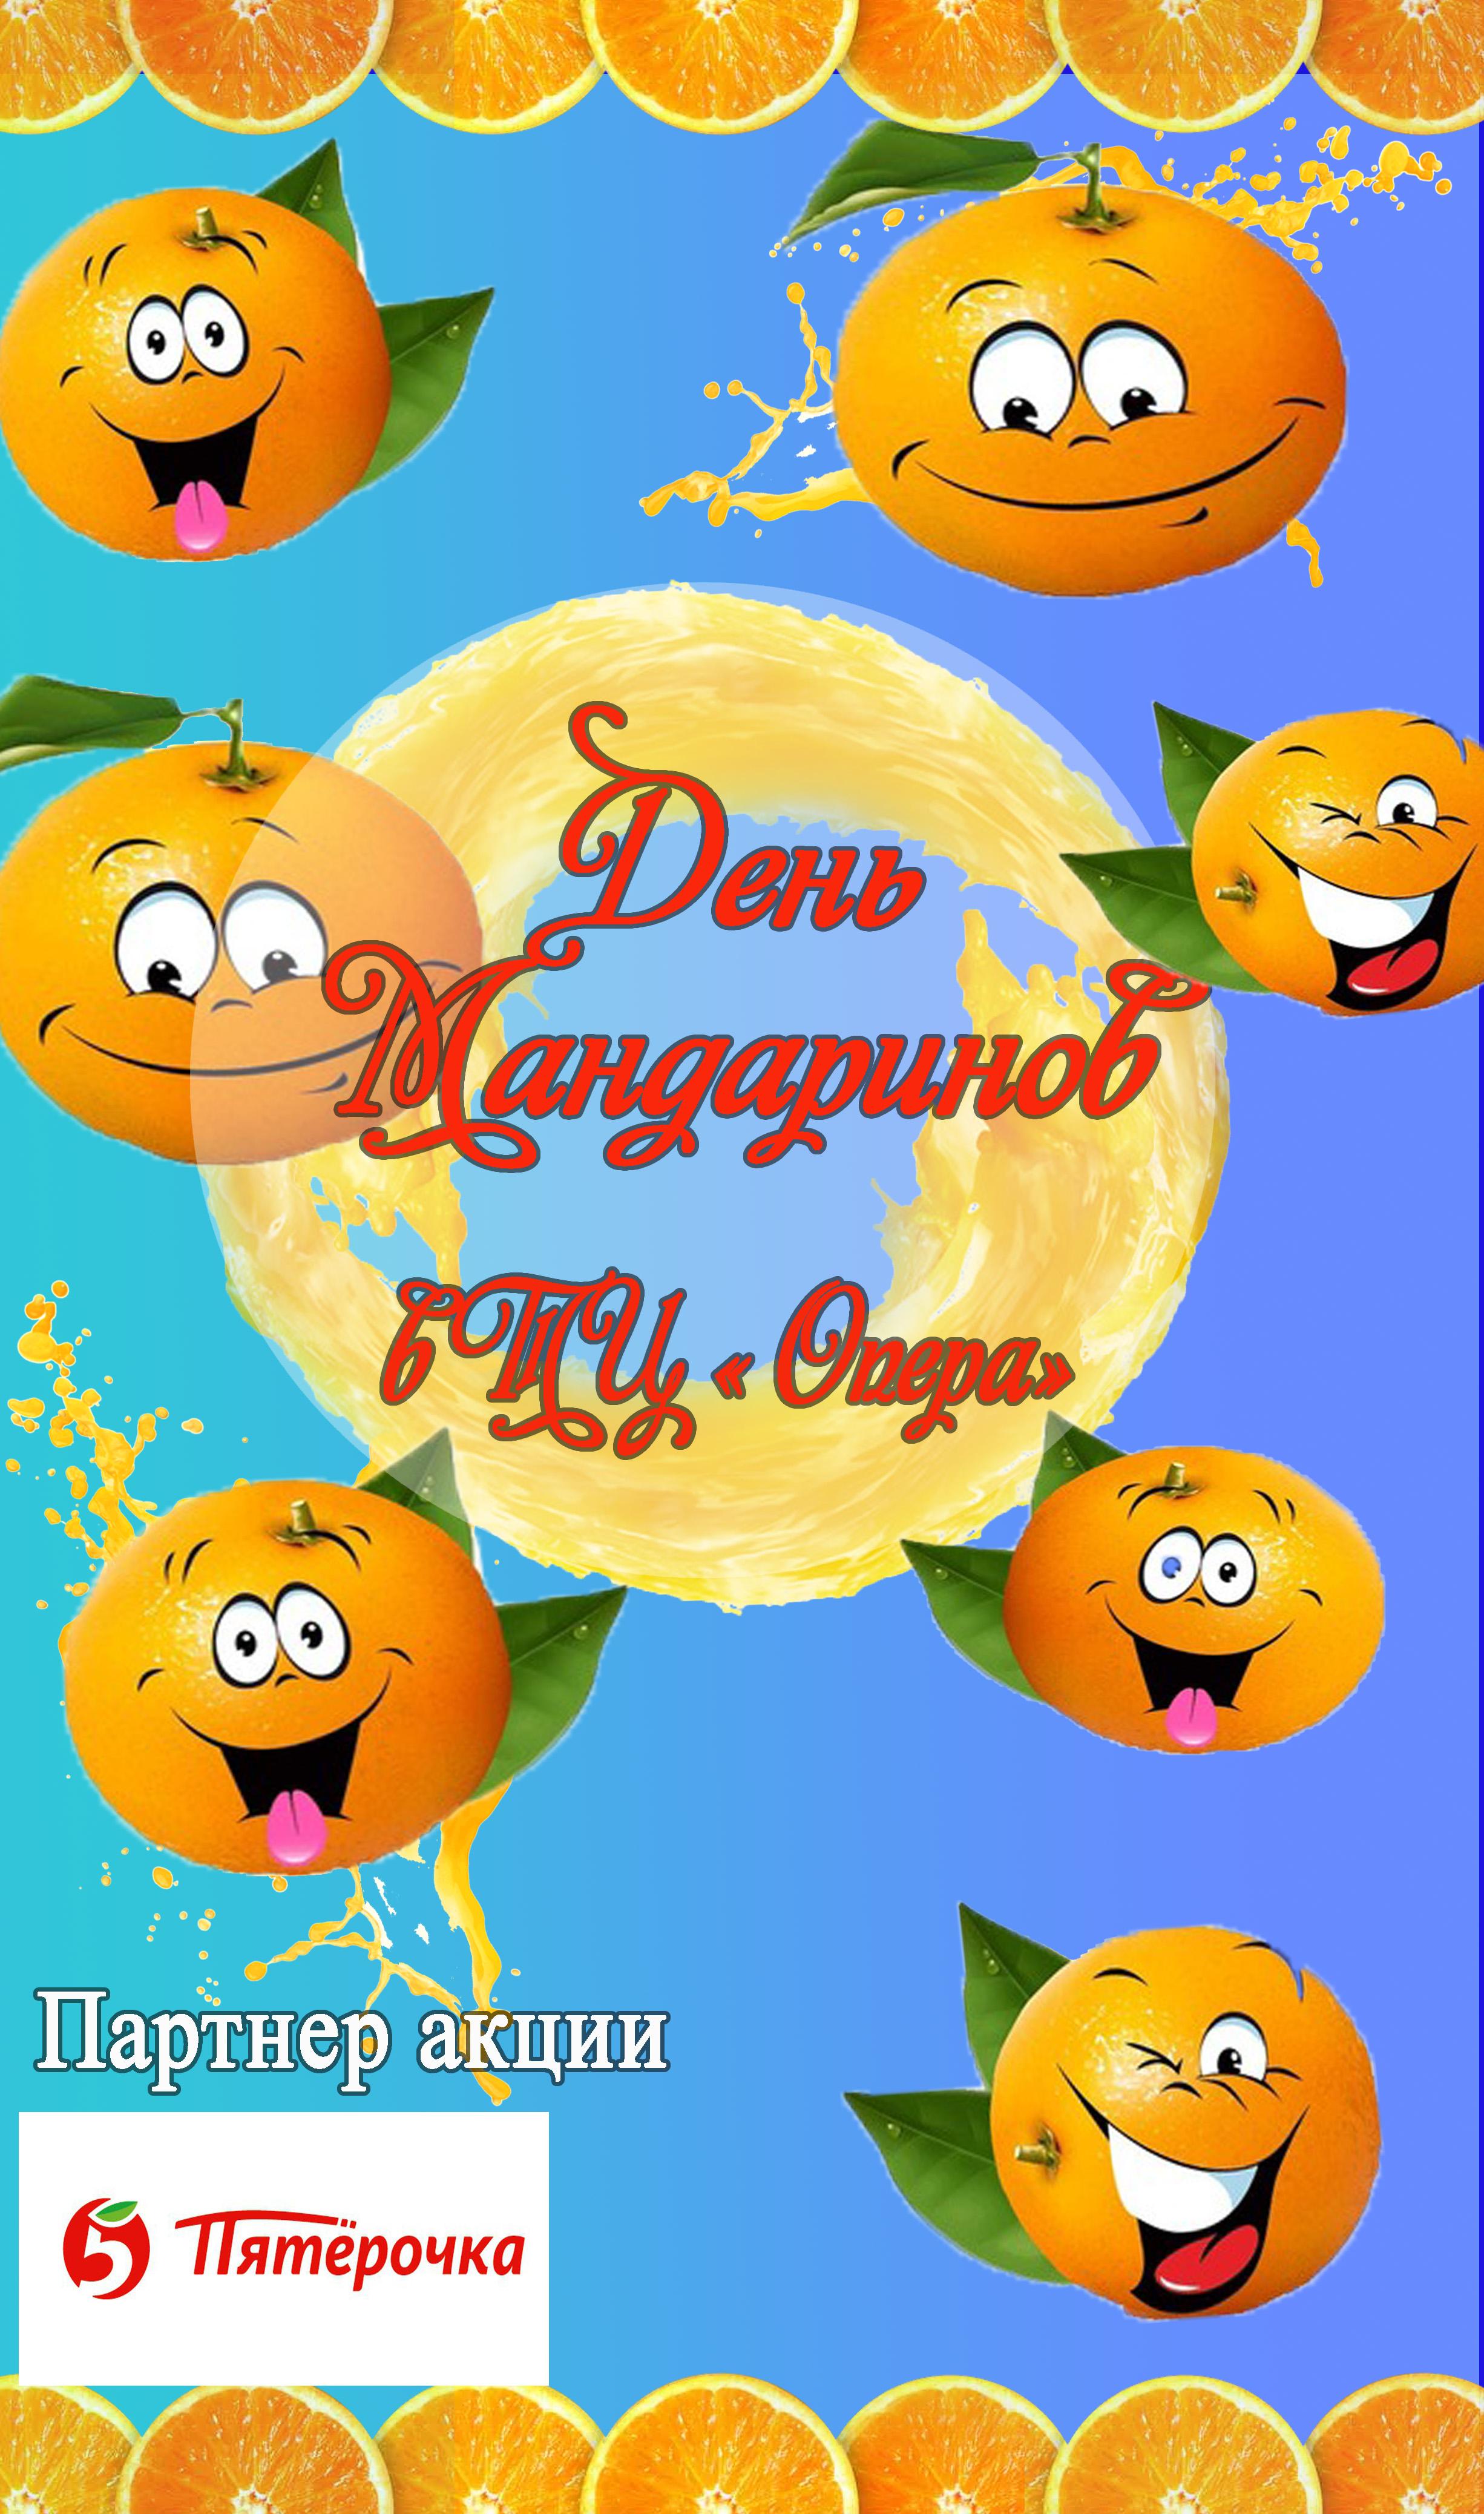 День мандаринов в торговом центре «Опера»